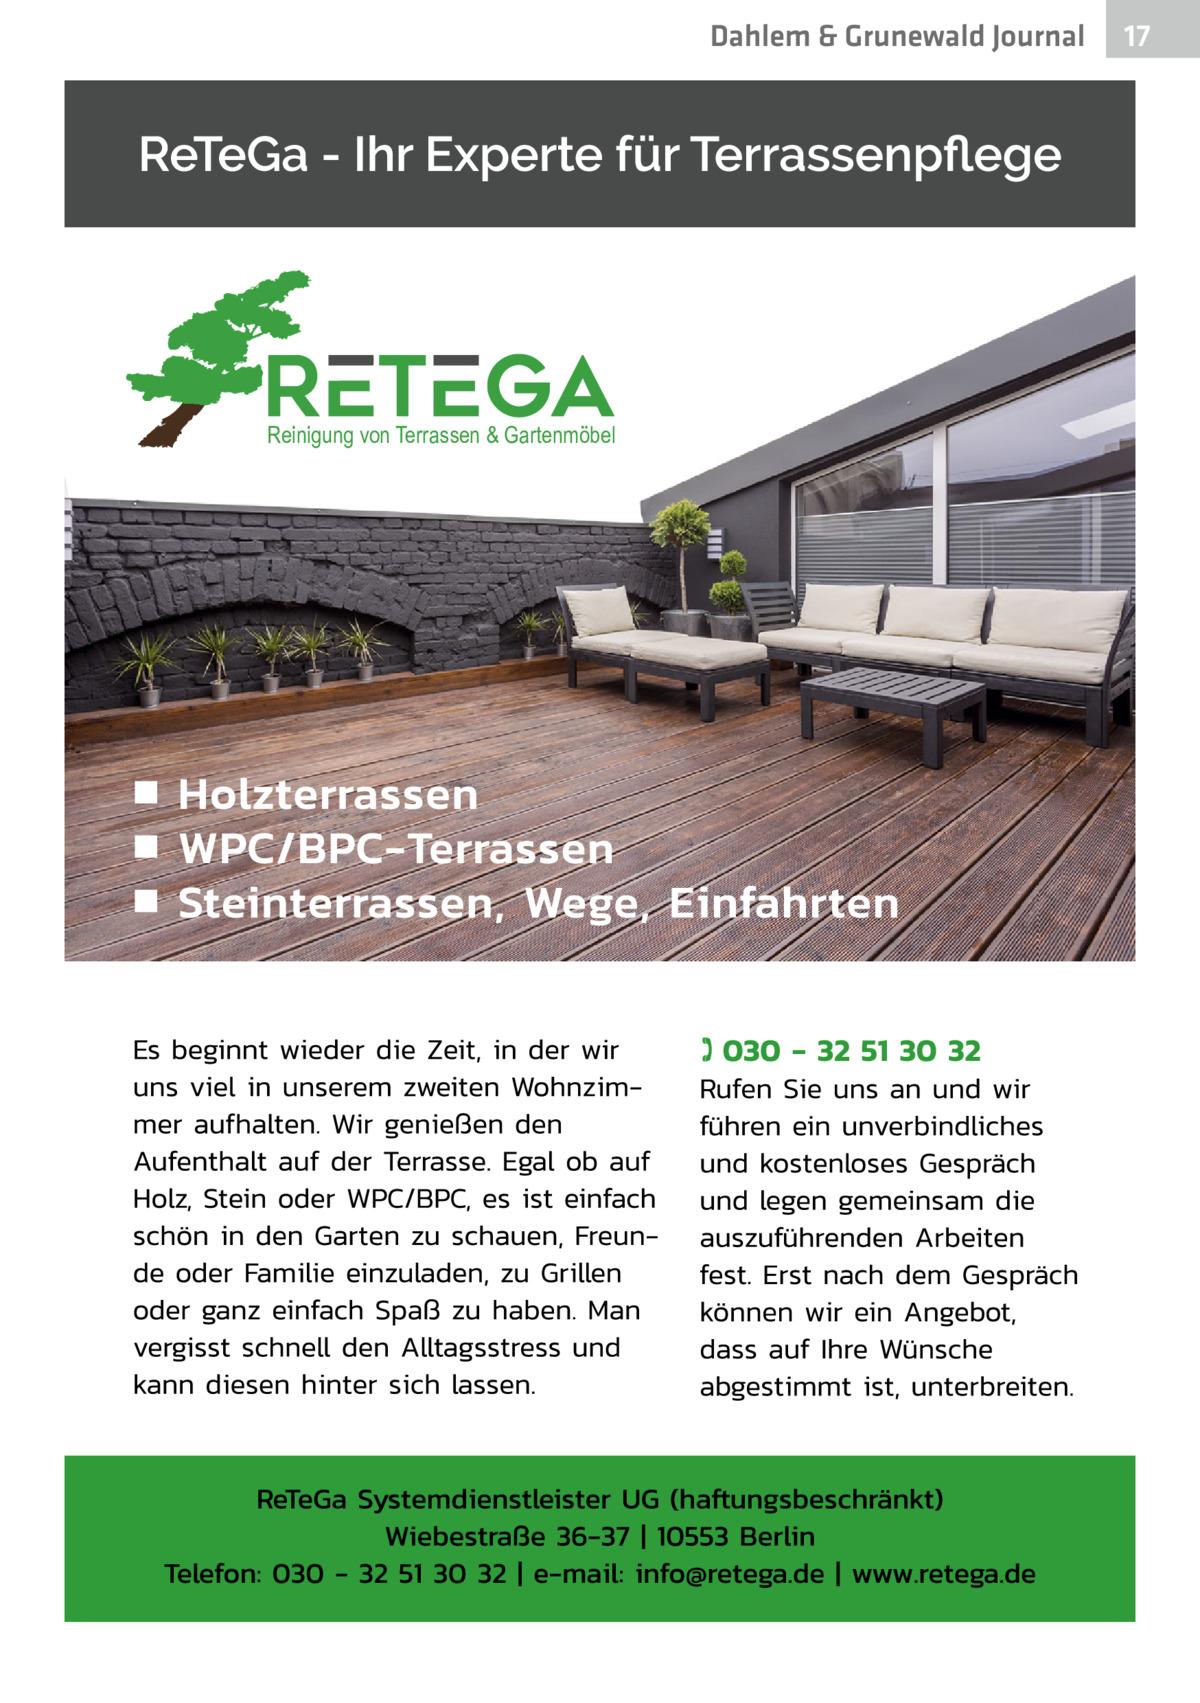 Dahlem & Grunewald Journal  Reinigung von Terrassen & Gartenmöbel  17 17